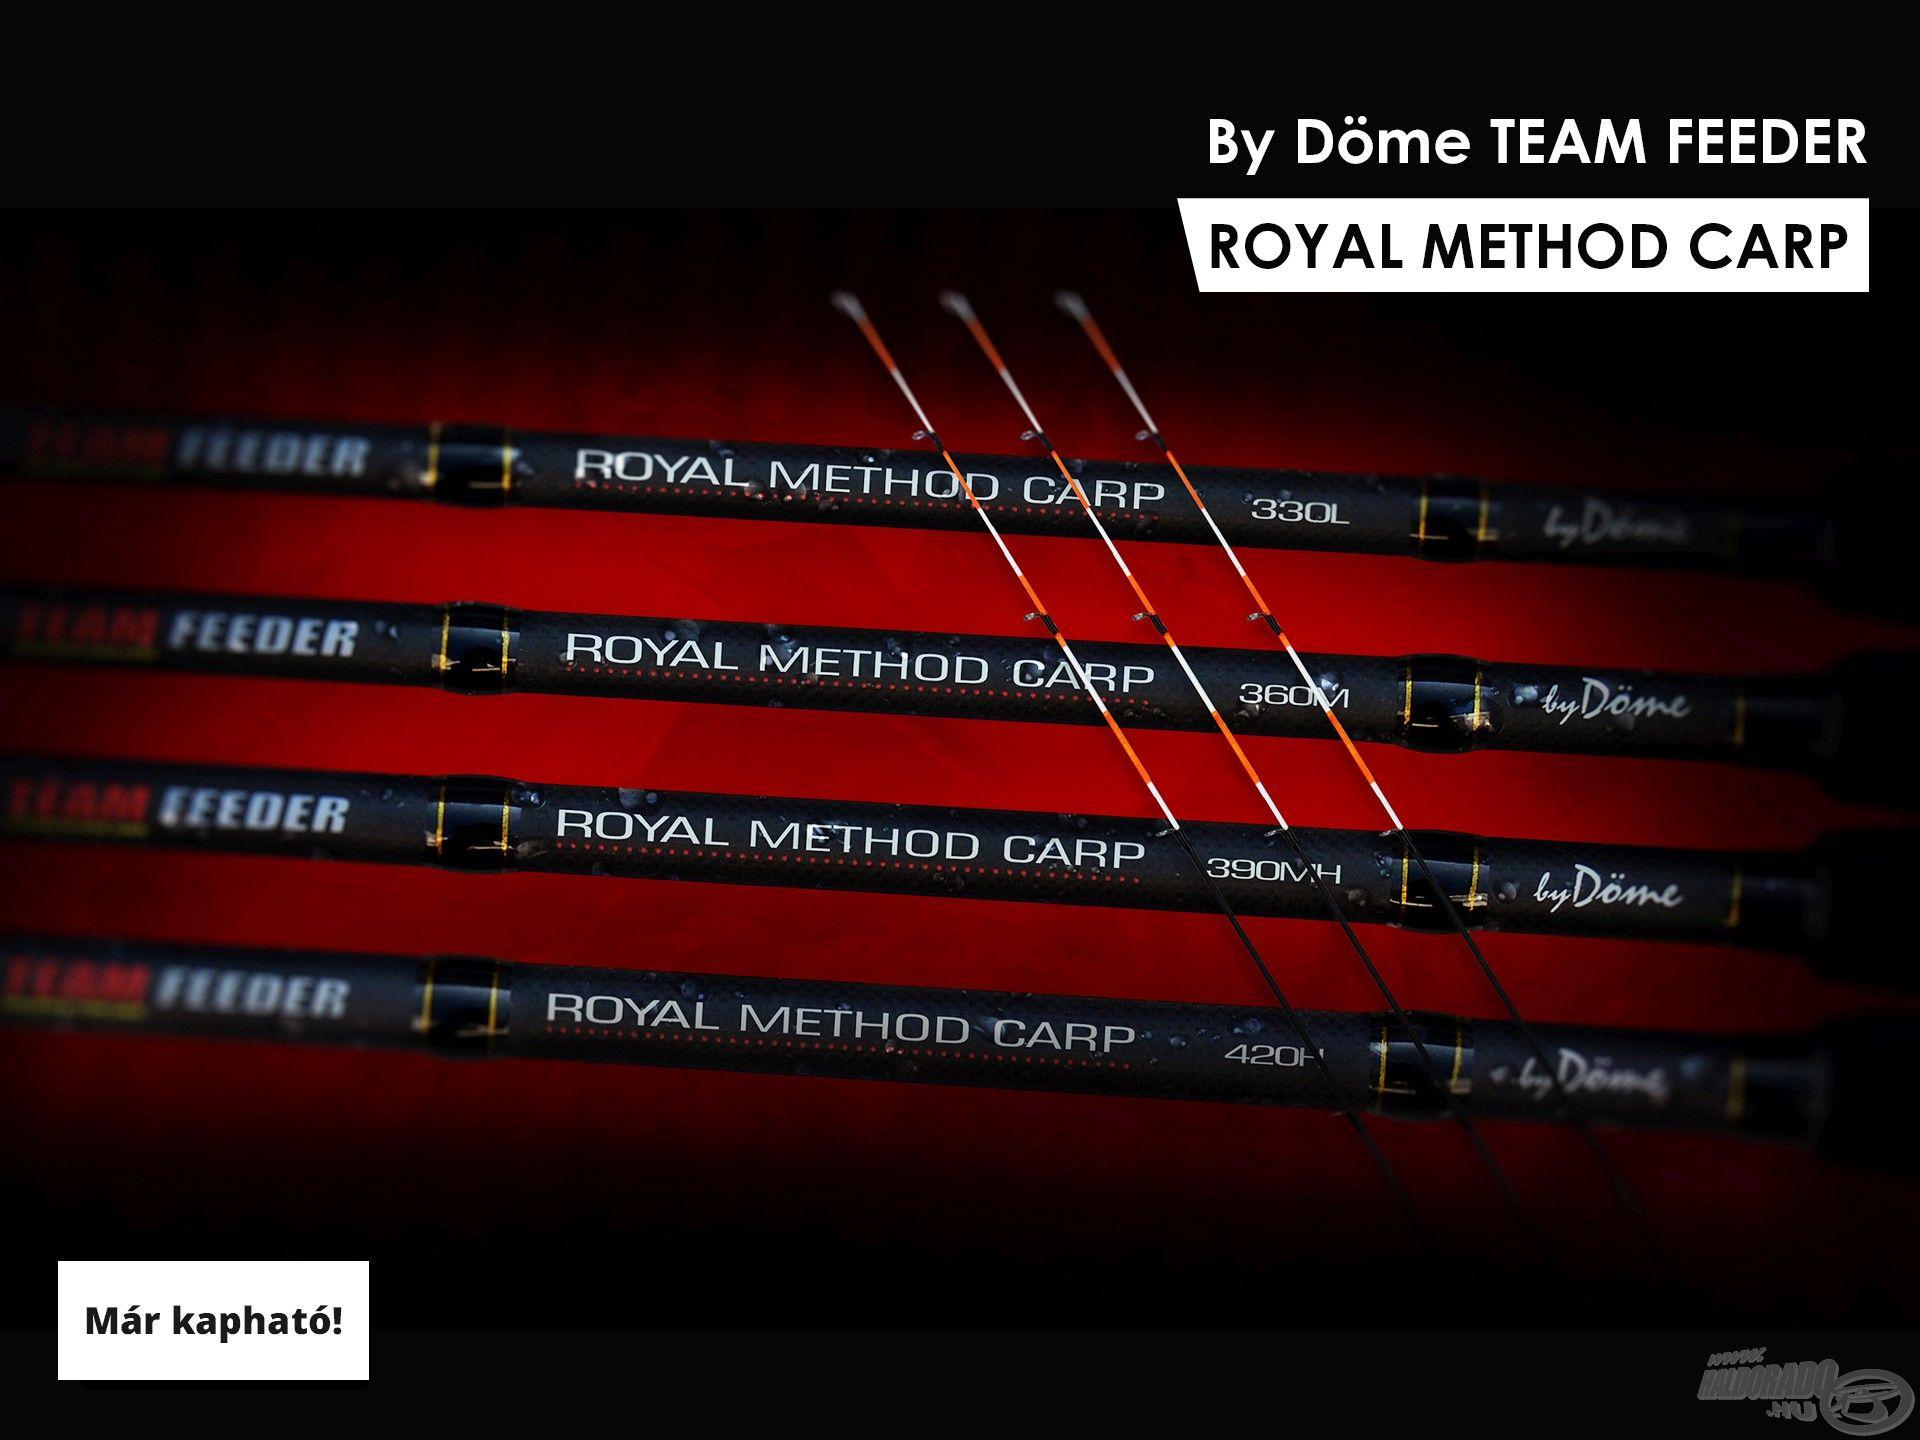 A By Döme TEAM FEEDER Royal Method Carp botokat hatalmas érdeklődés övezi megjelenésüktől fogva, s egyre több horgász használja őket megelégedéssel. A többi típus mellett ez a prémium széria is teljes kínálattal elérhető lesz a rendezvényen!